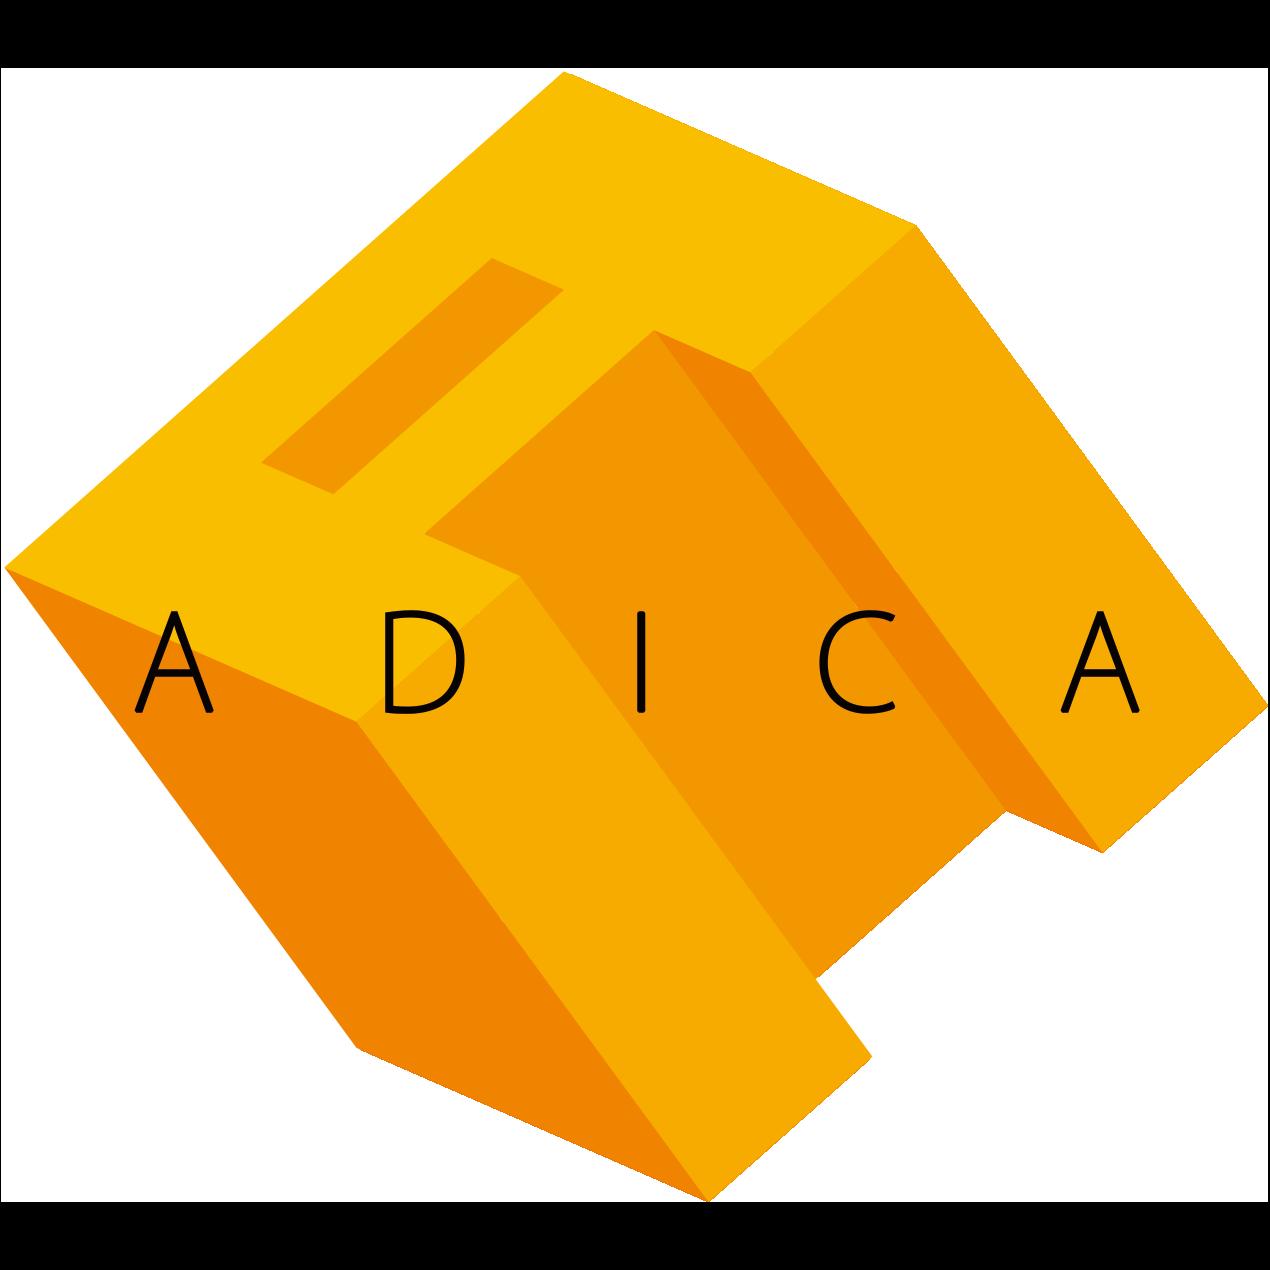 株式会社アディカ